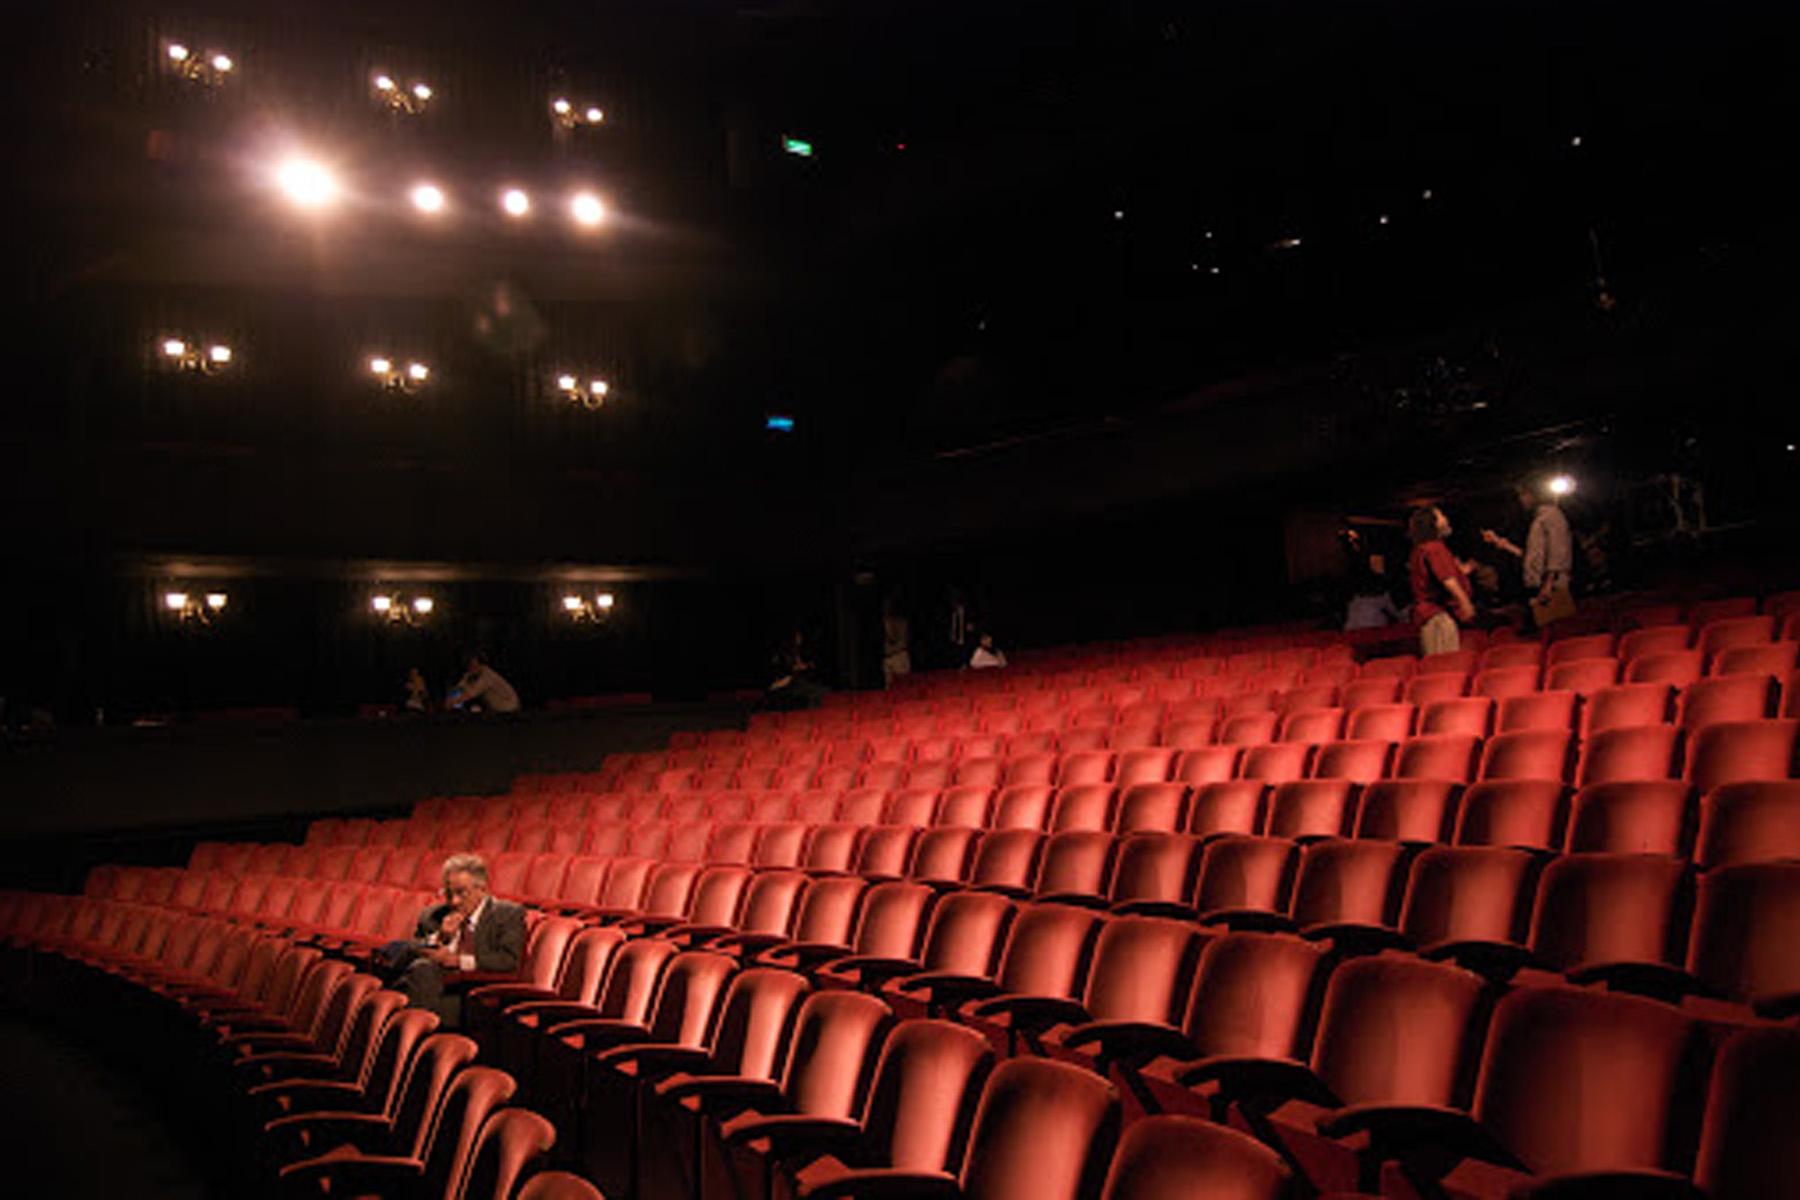 سینه ورد ، دومین اپراتور بزرگ سینما در جهان تمام سالن های نمایش ایالات متحده ، انگلیس و ایرلند را میبندد